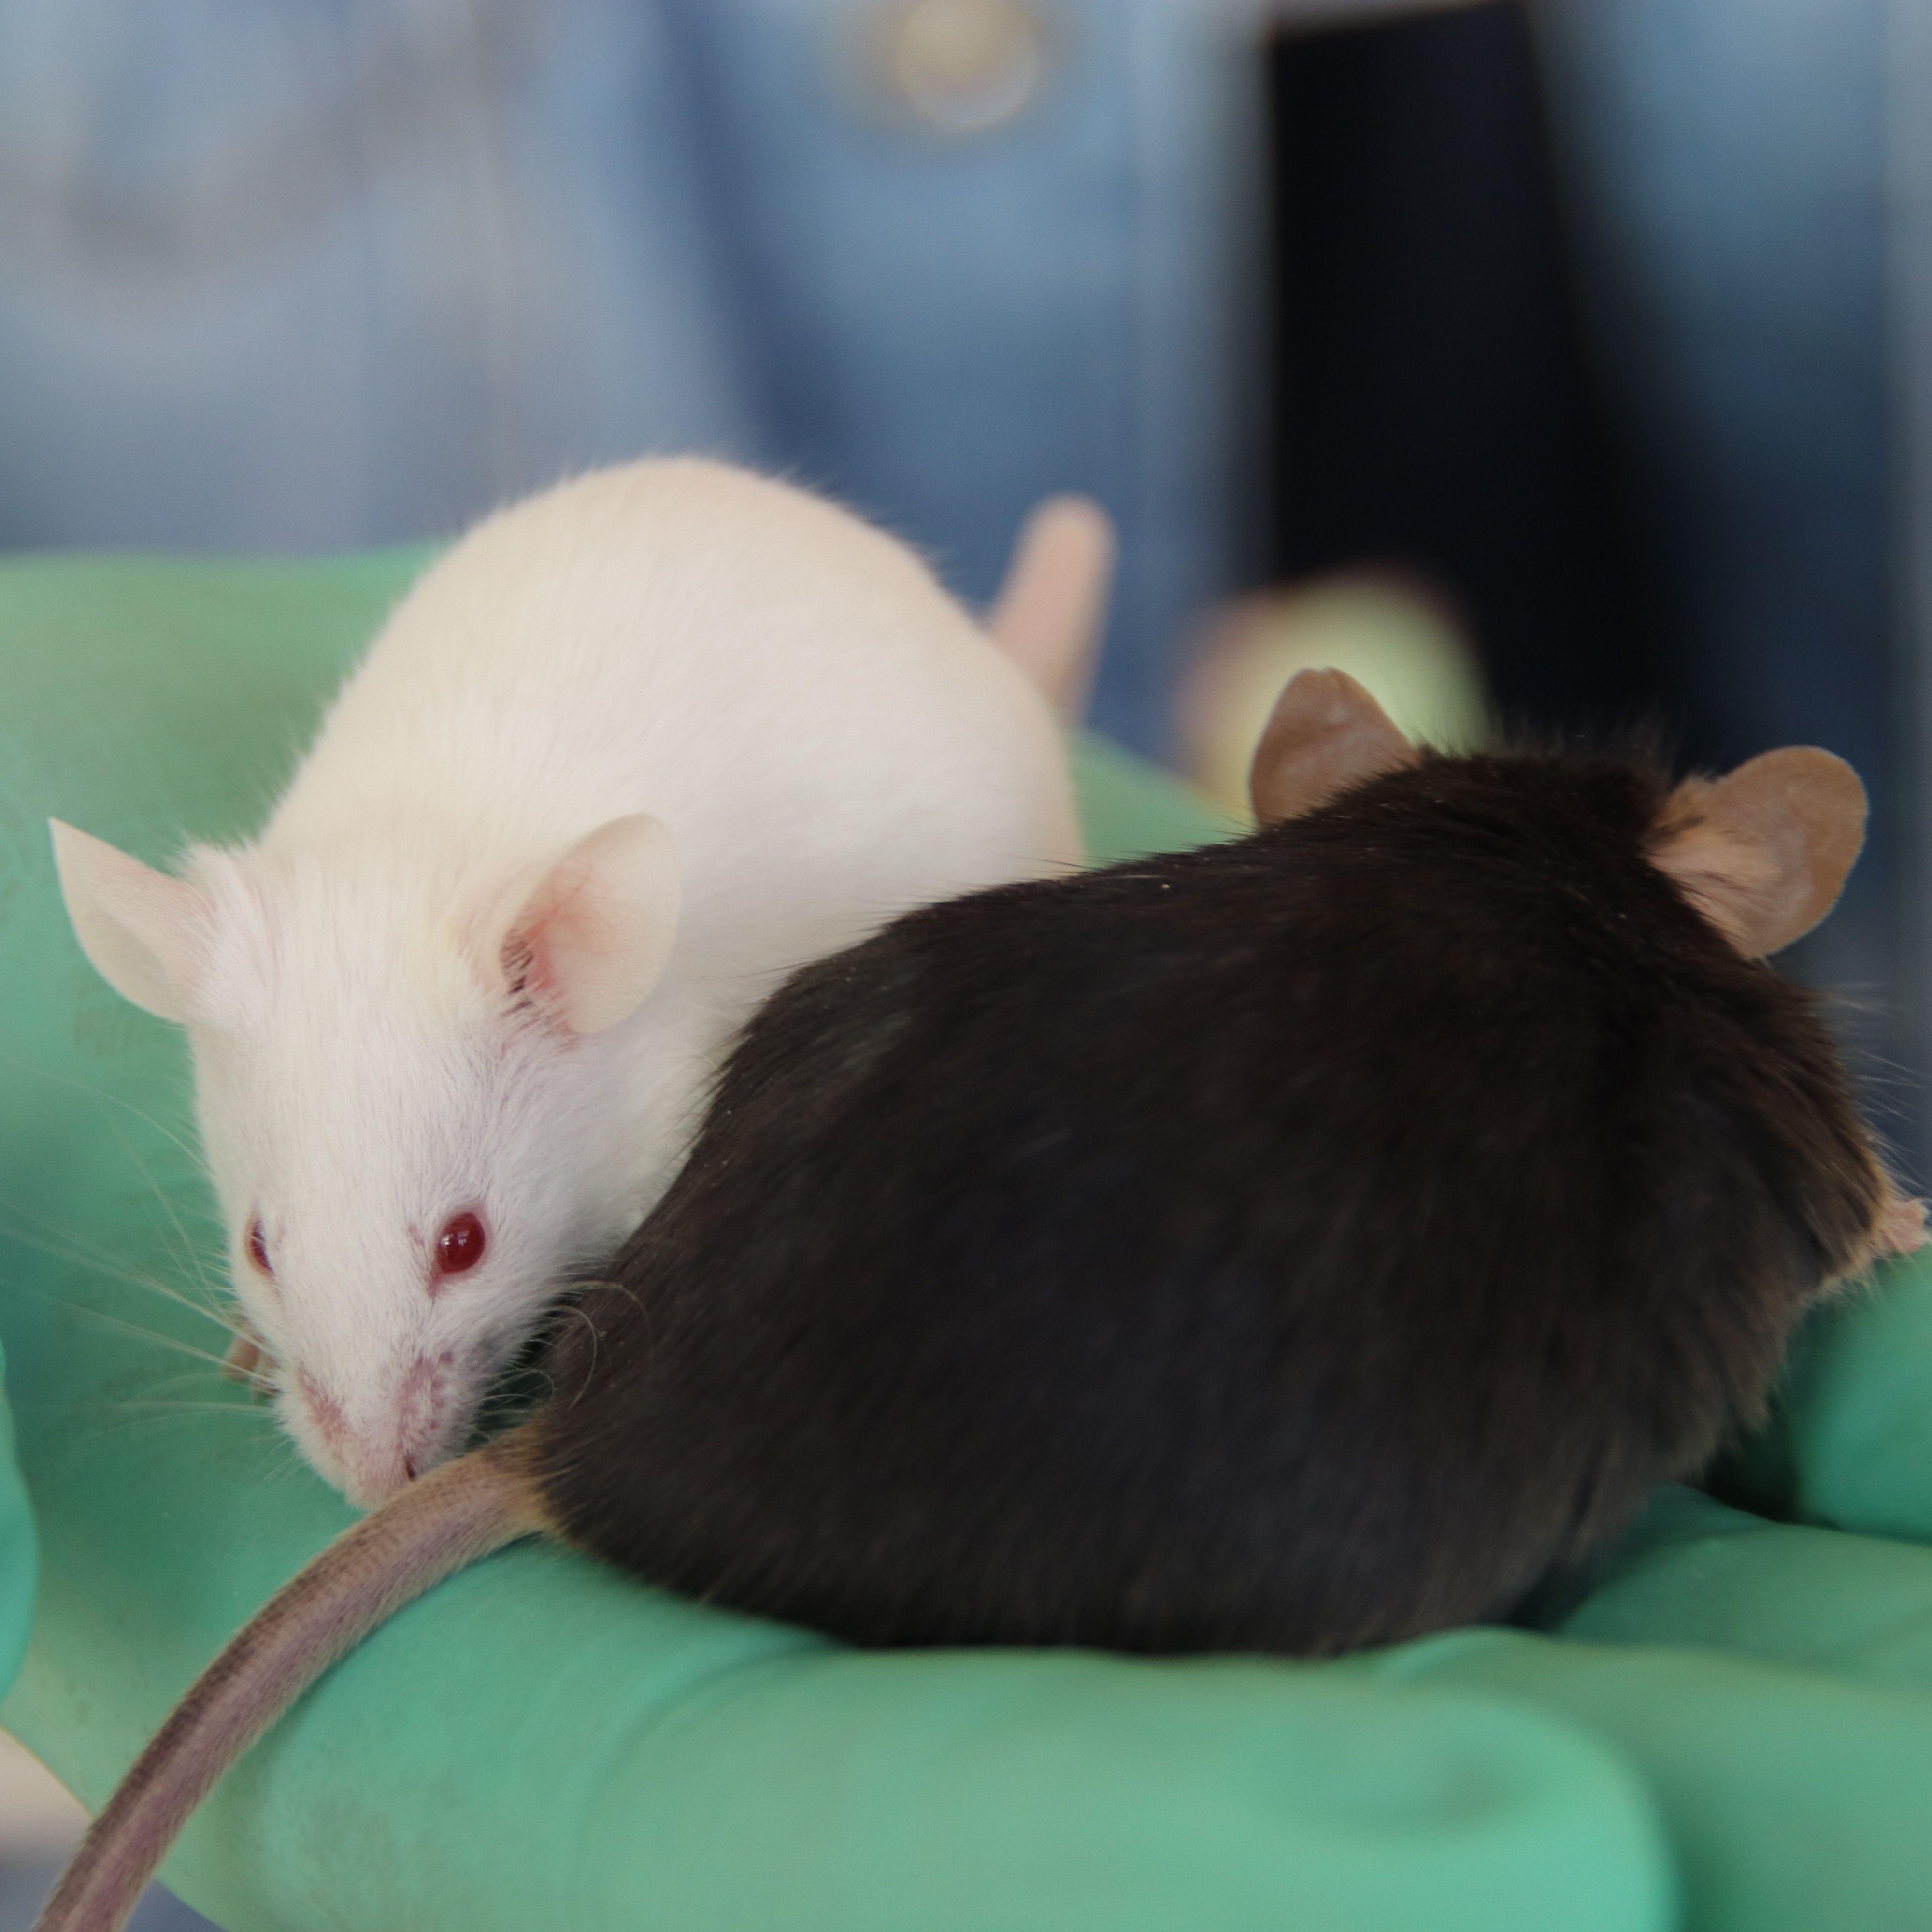 细胞生物学研究相关小鼠模型